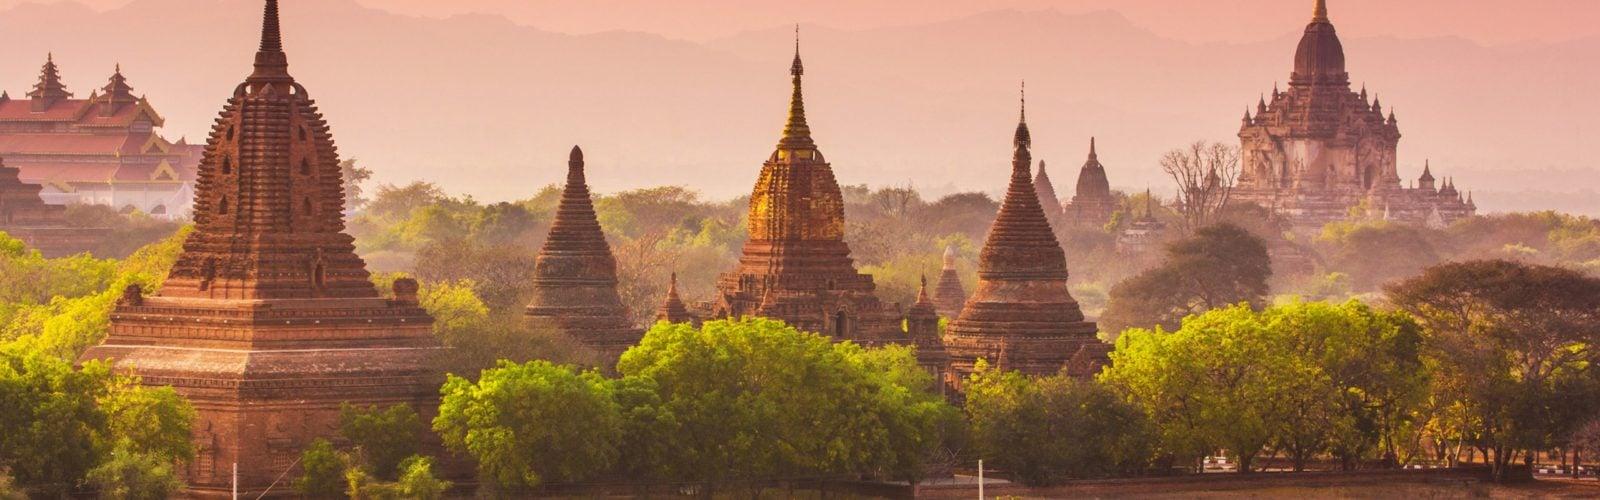 bagan-pagodas